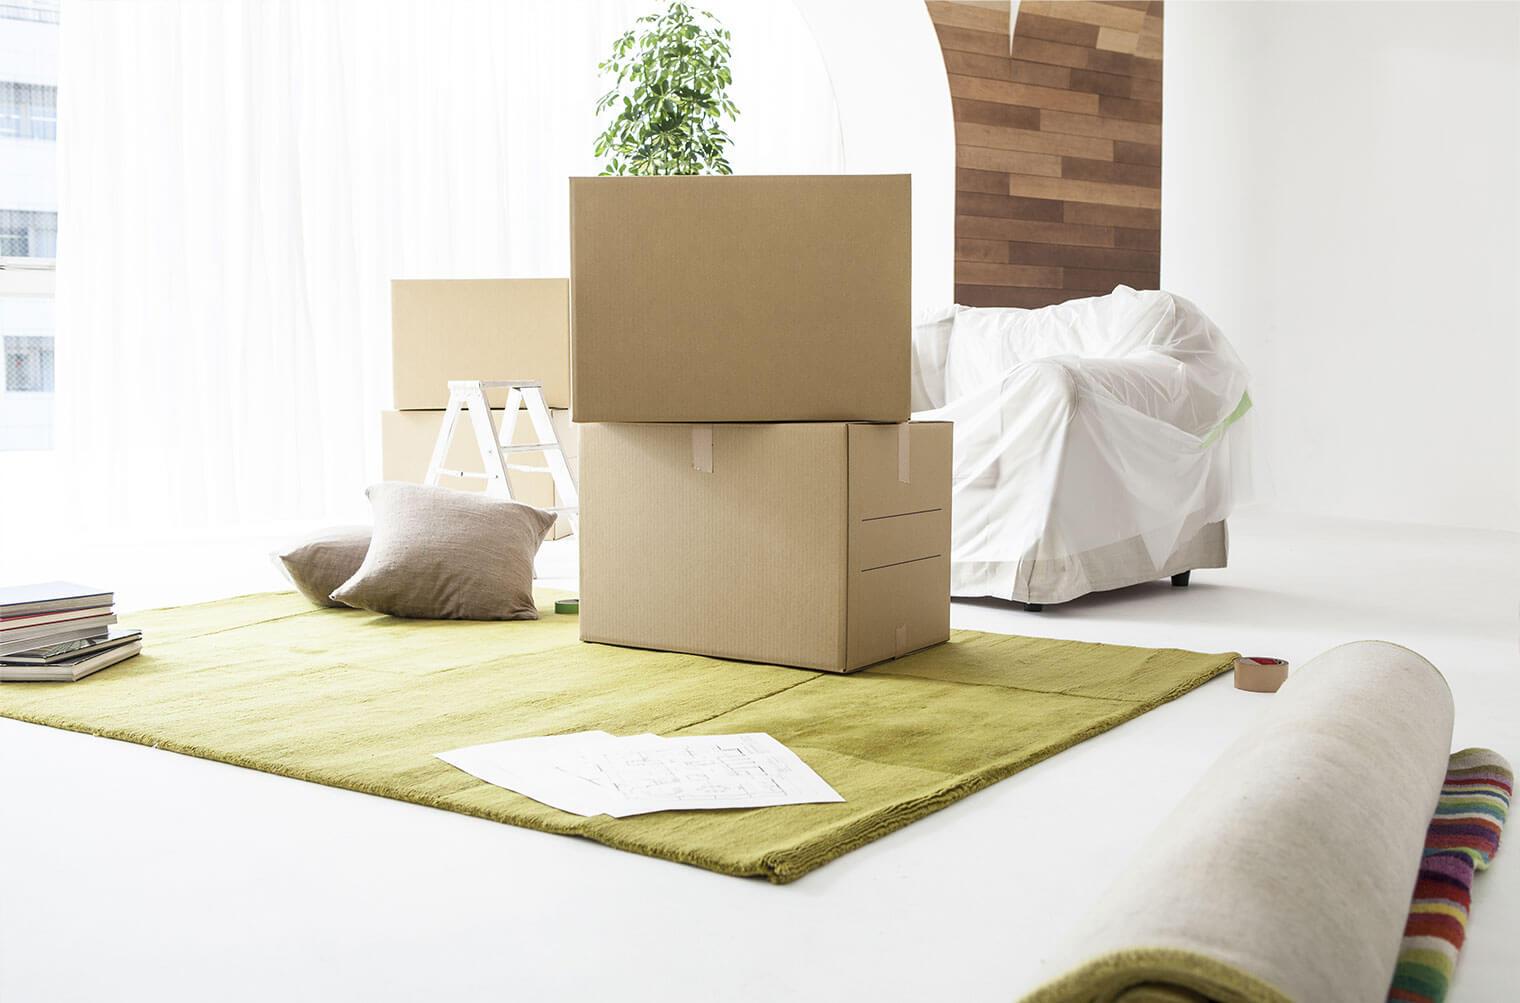 トランクルームタイプ別のおすすめの収納術、収納方法のコツをご紹介